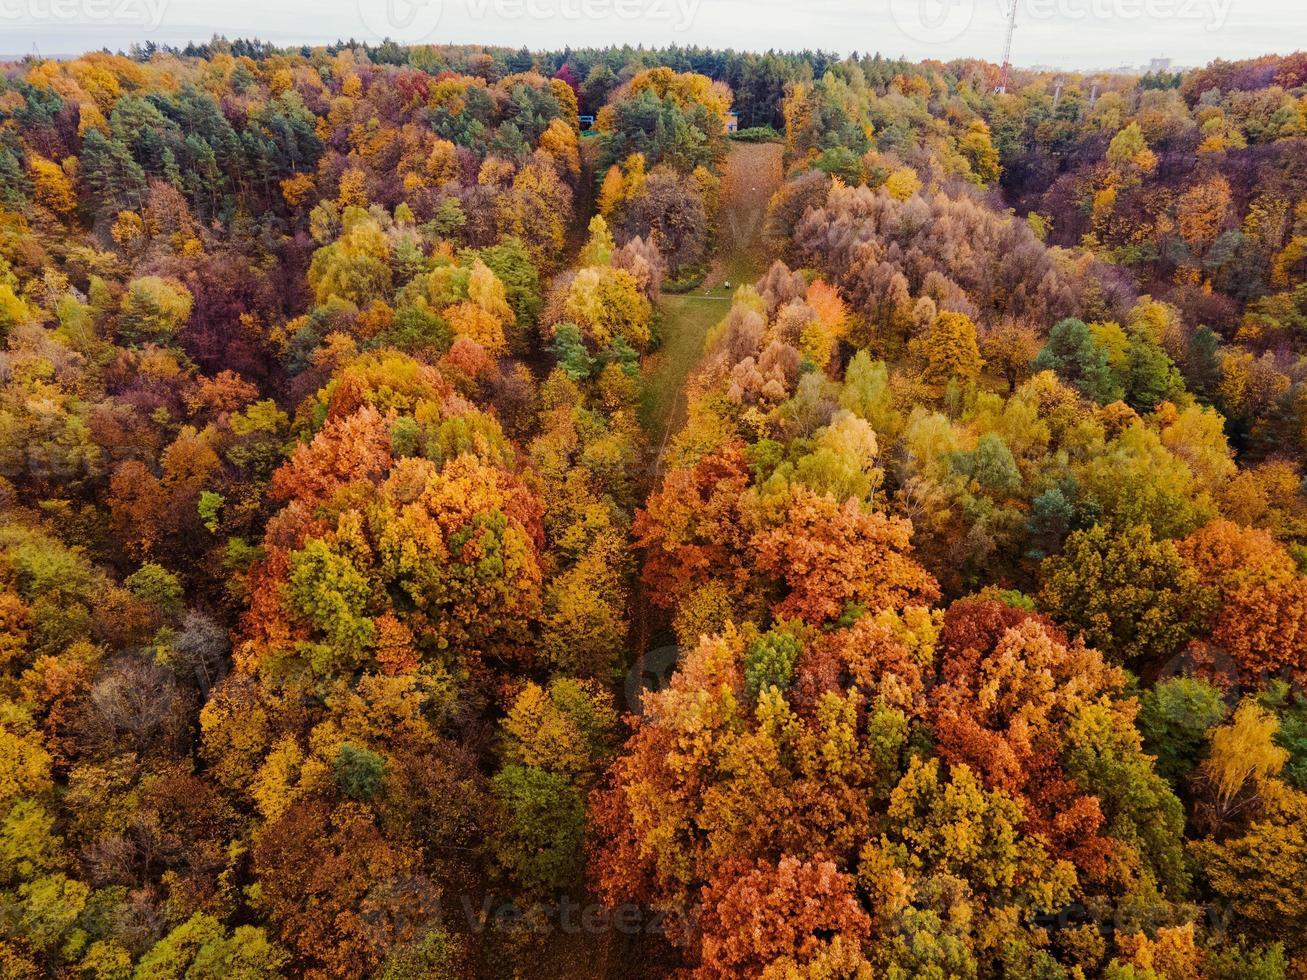 Luftaufnahme des Herbstwaldes foto